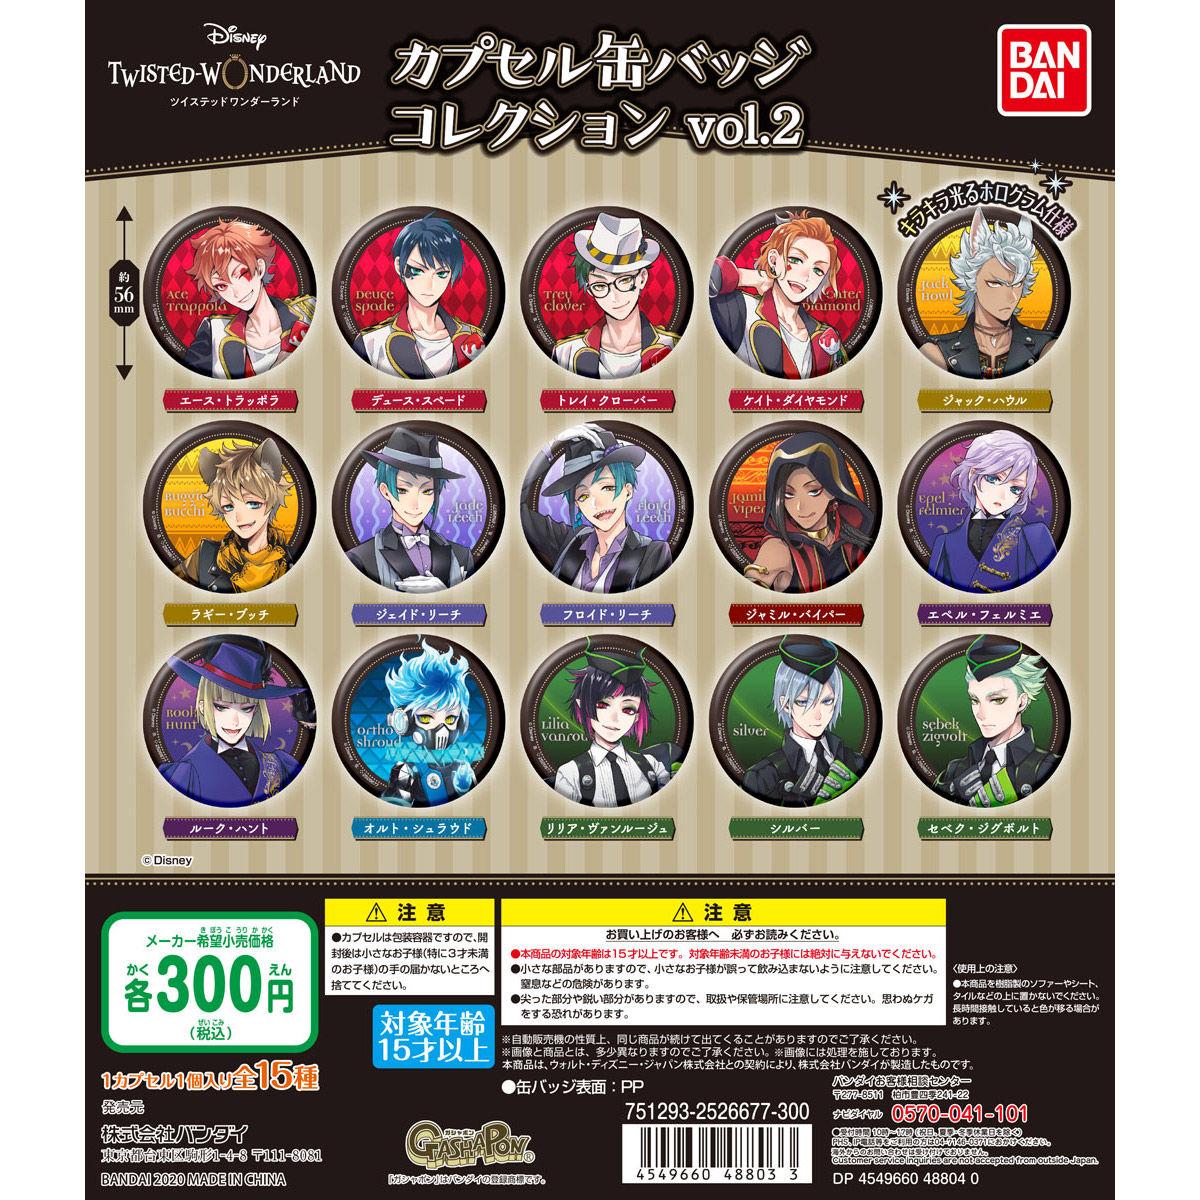 【オンライン再販】ディズニー ツイステッドワンダーランド『カプセル缶バッジ vol.2』グッズ-016